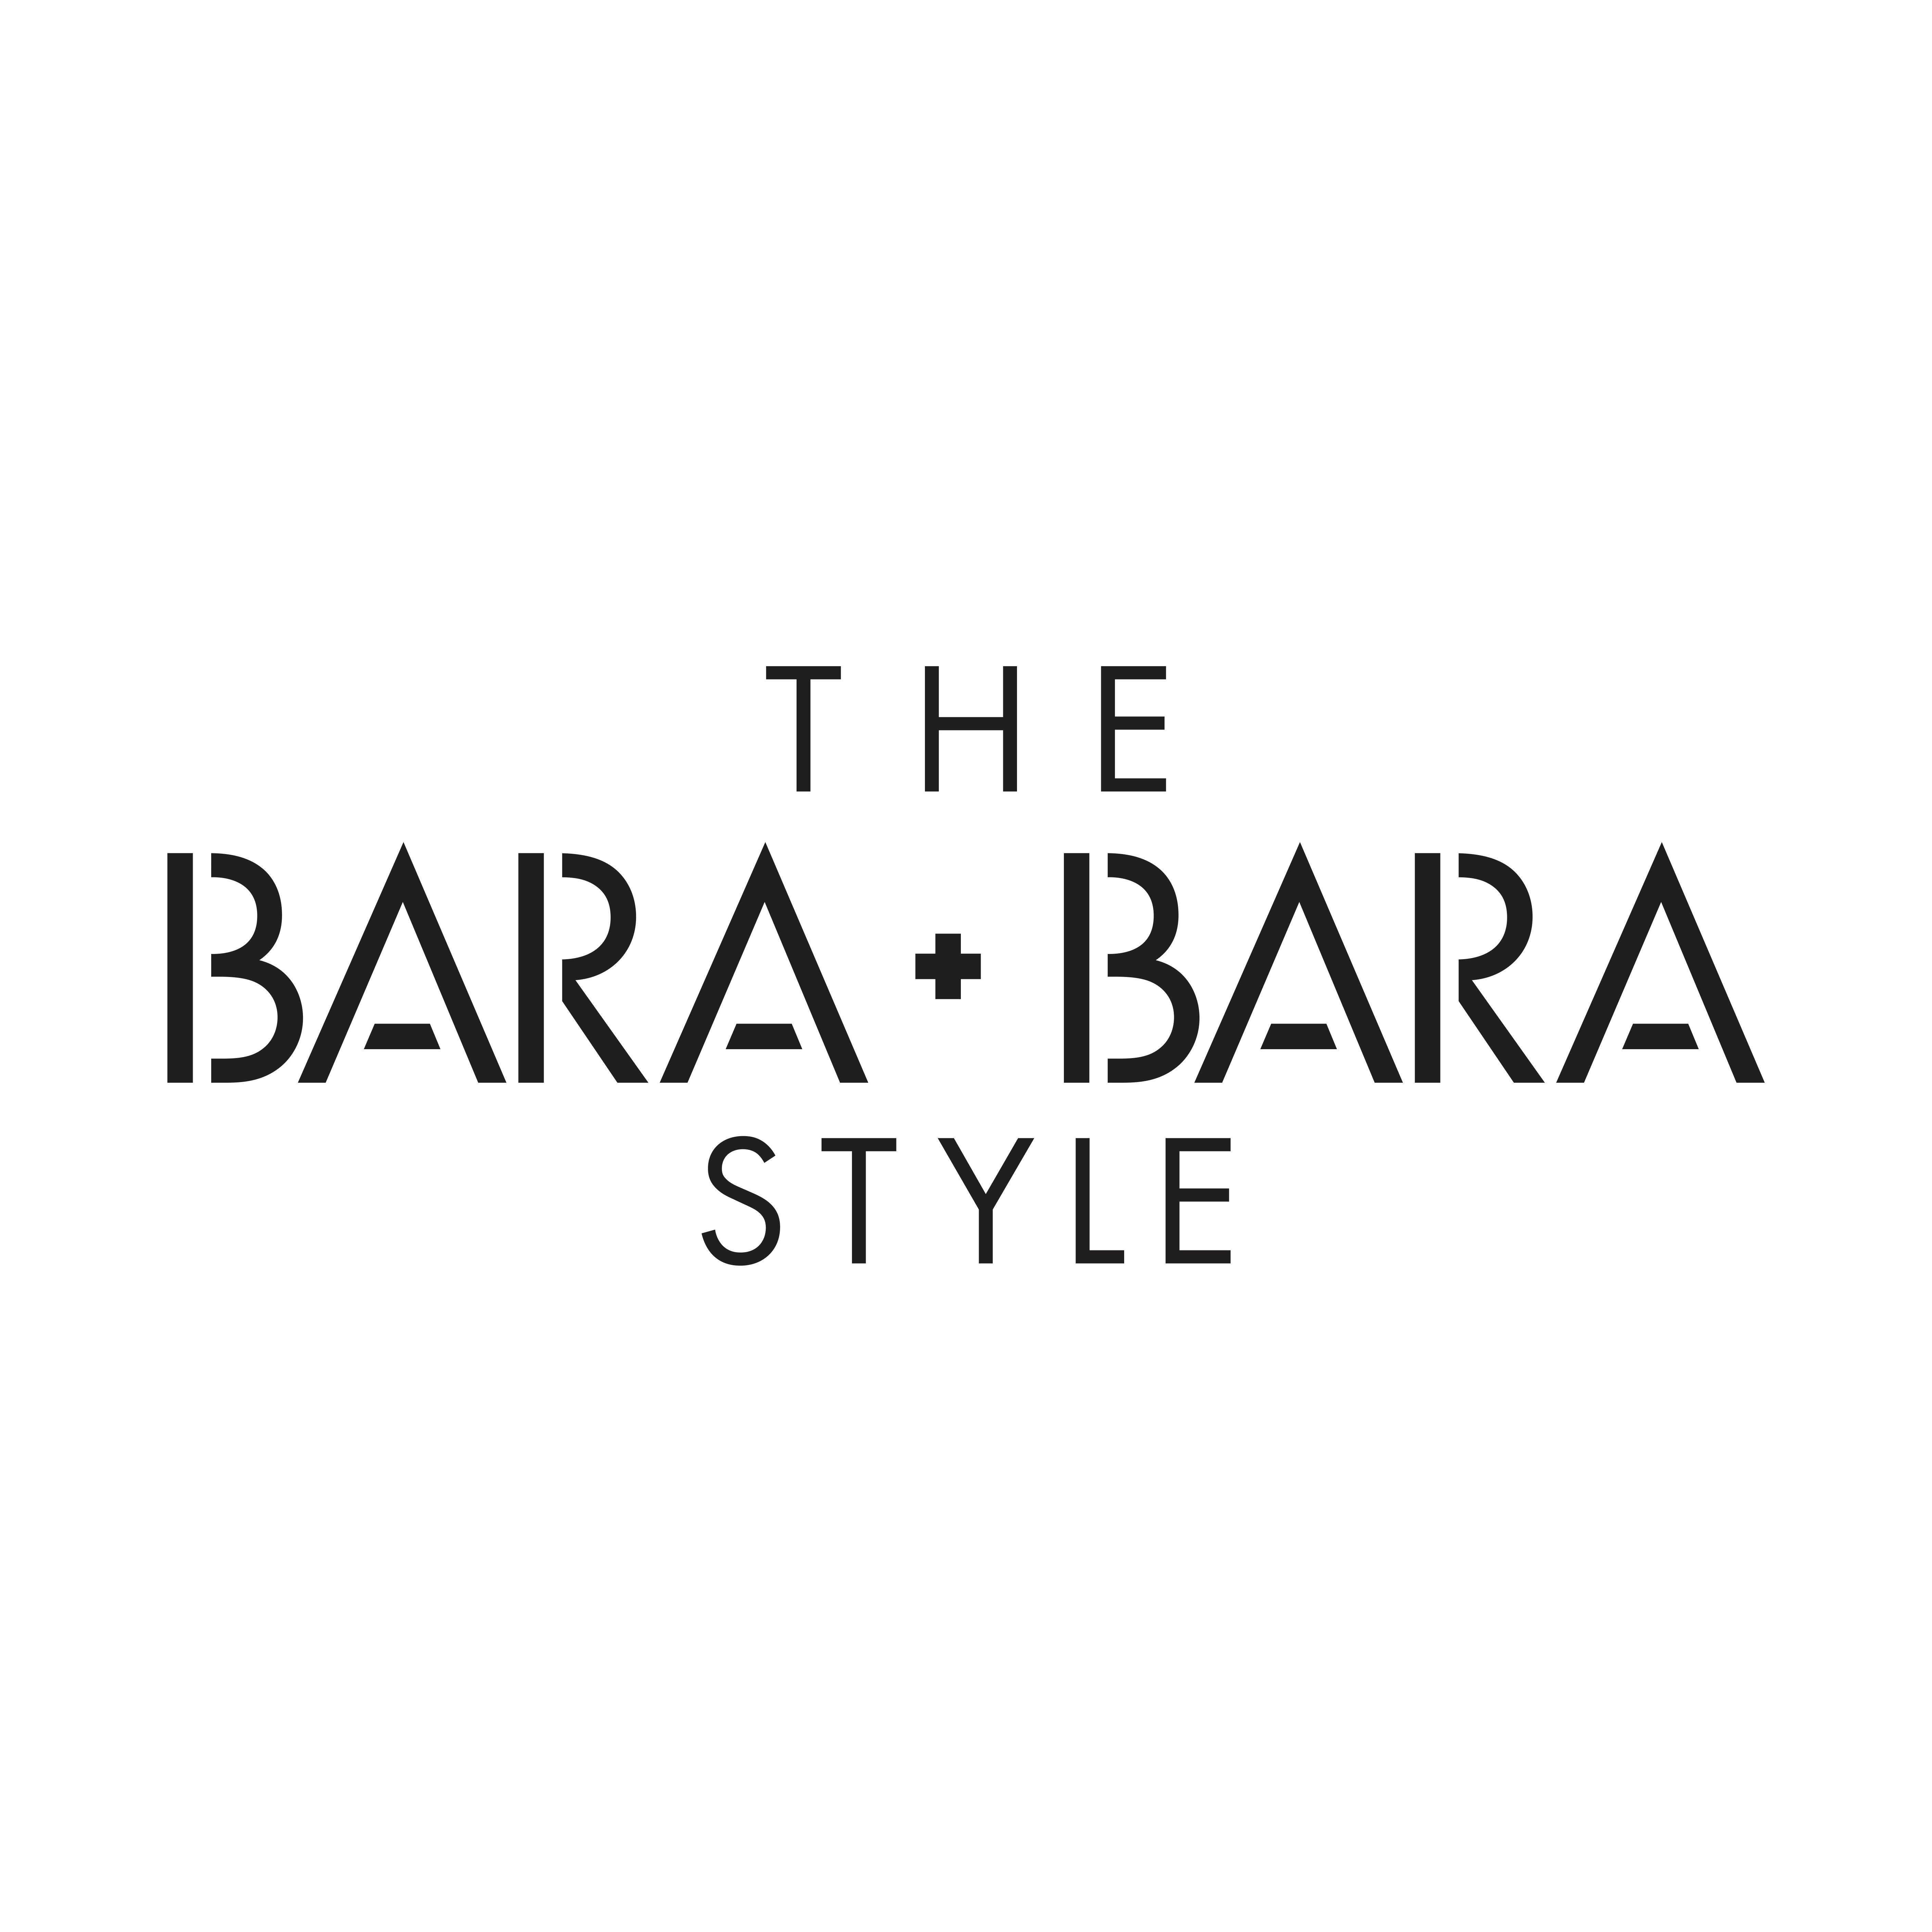 THE BARA-BARA STYLE